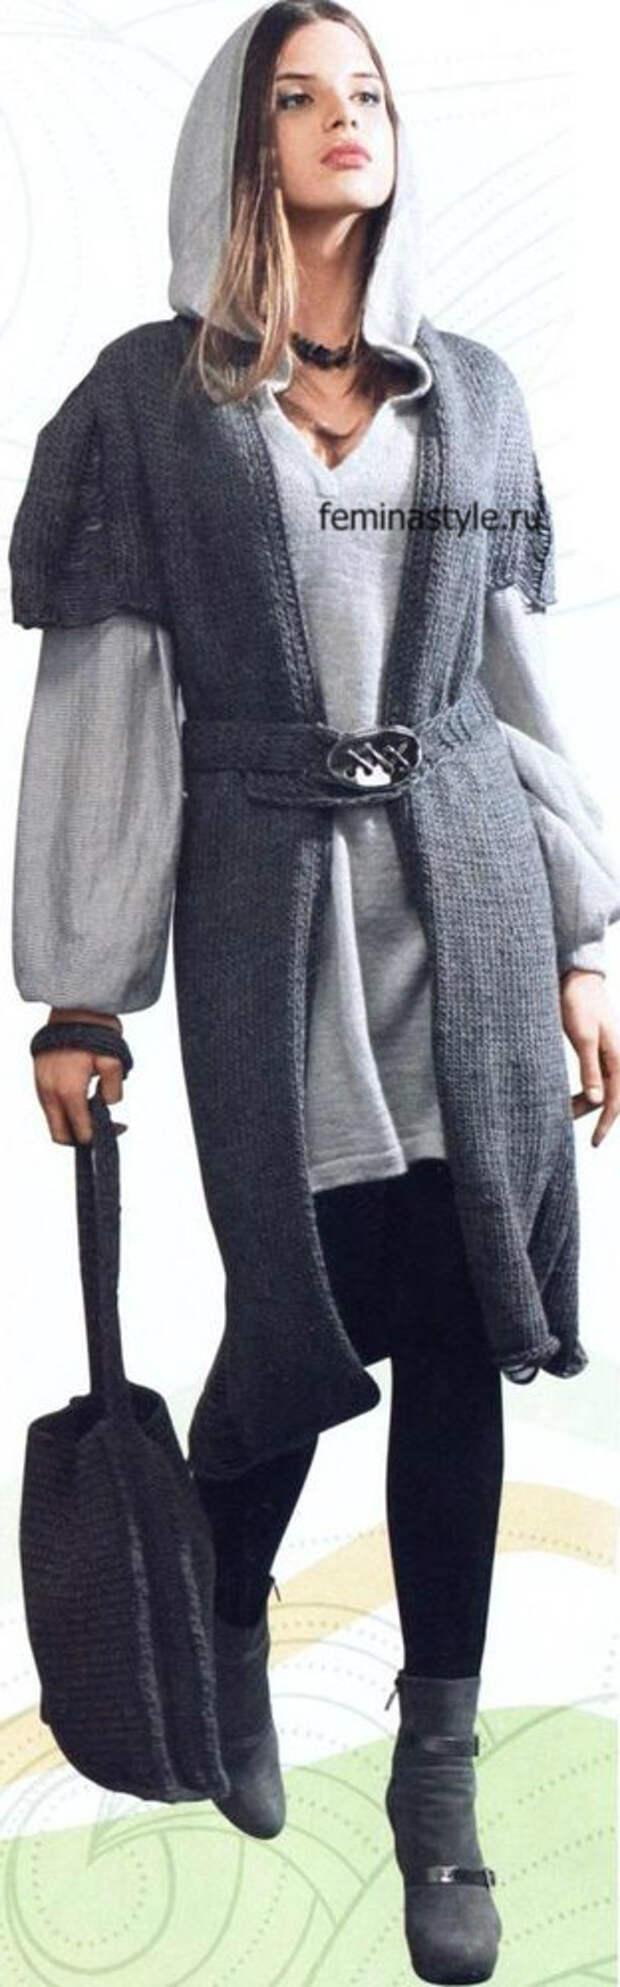 Пальто, туника и сумка-планшет